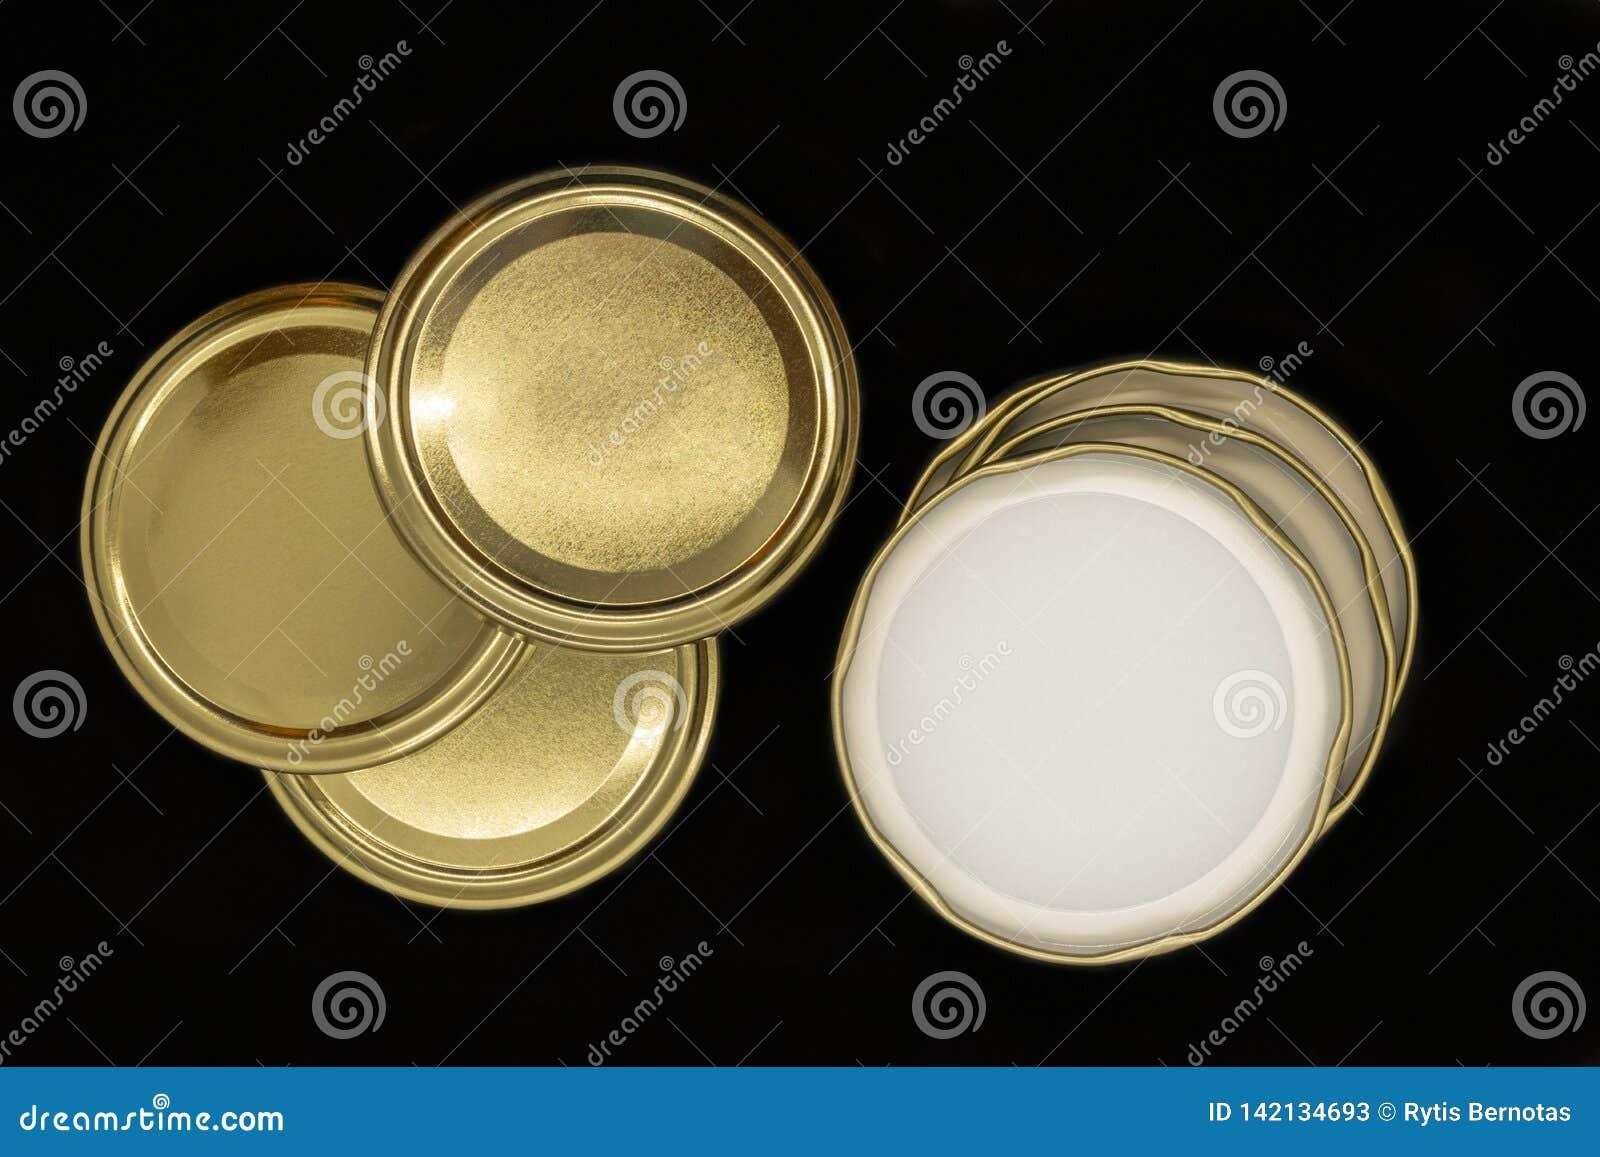 Χρυσά καπάκια βάζων που απομονώνονται στο μαύρο υπόβαθρο